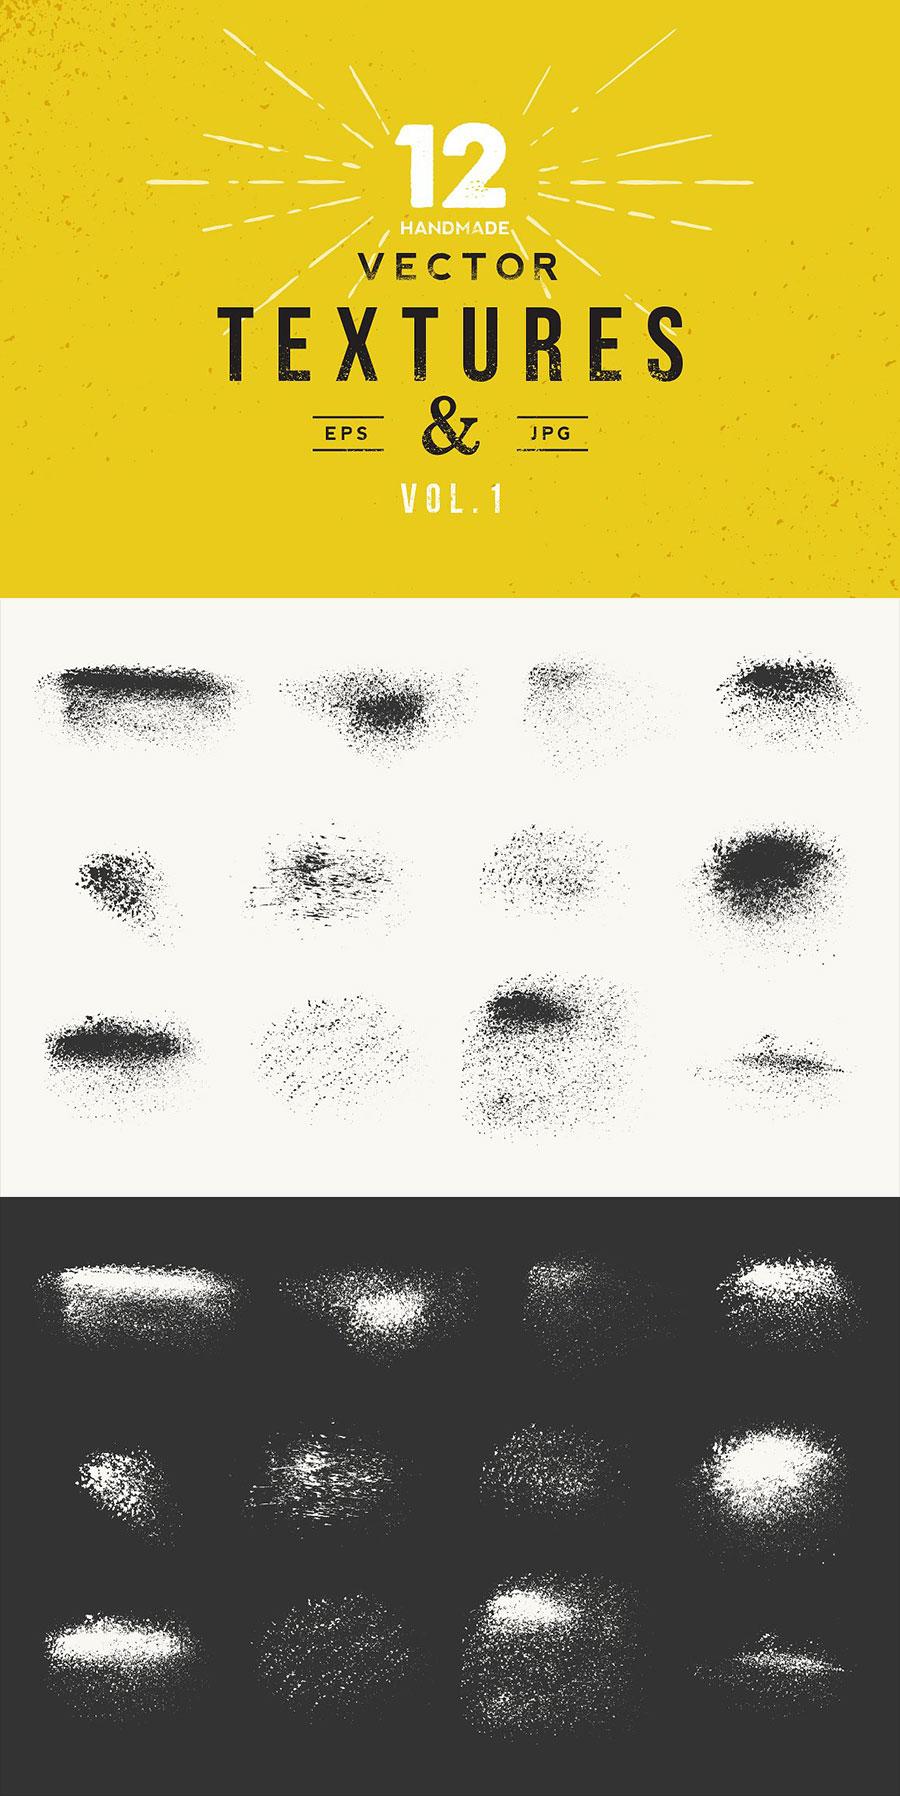 手绘自然肌理点状纹理背景素材[eps]设计素材模板